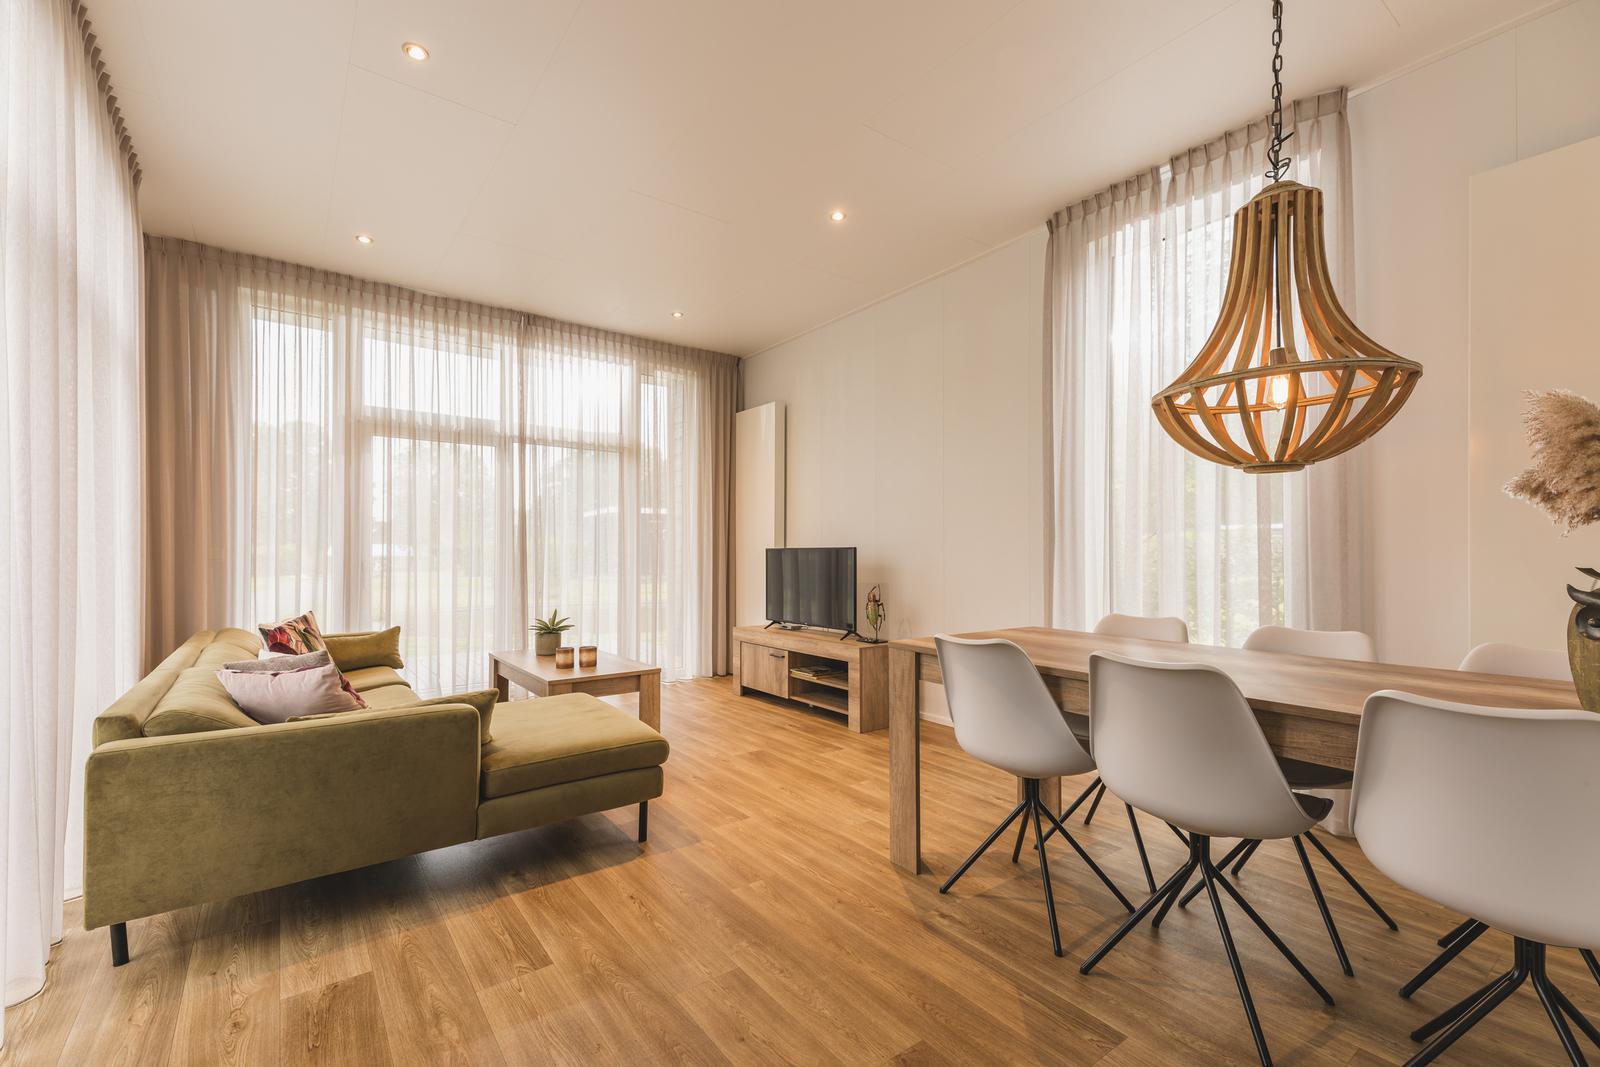 Buitenplaats Holten 6 persoons luxe vakantiehuis Buizerd Rijssen